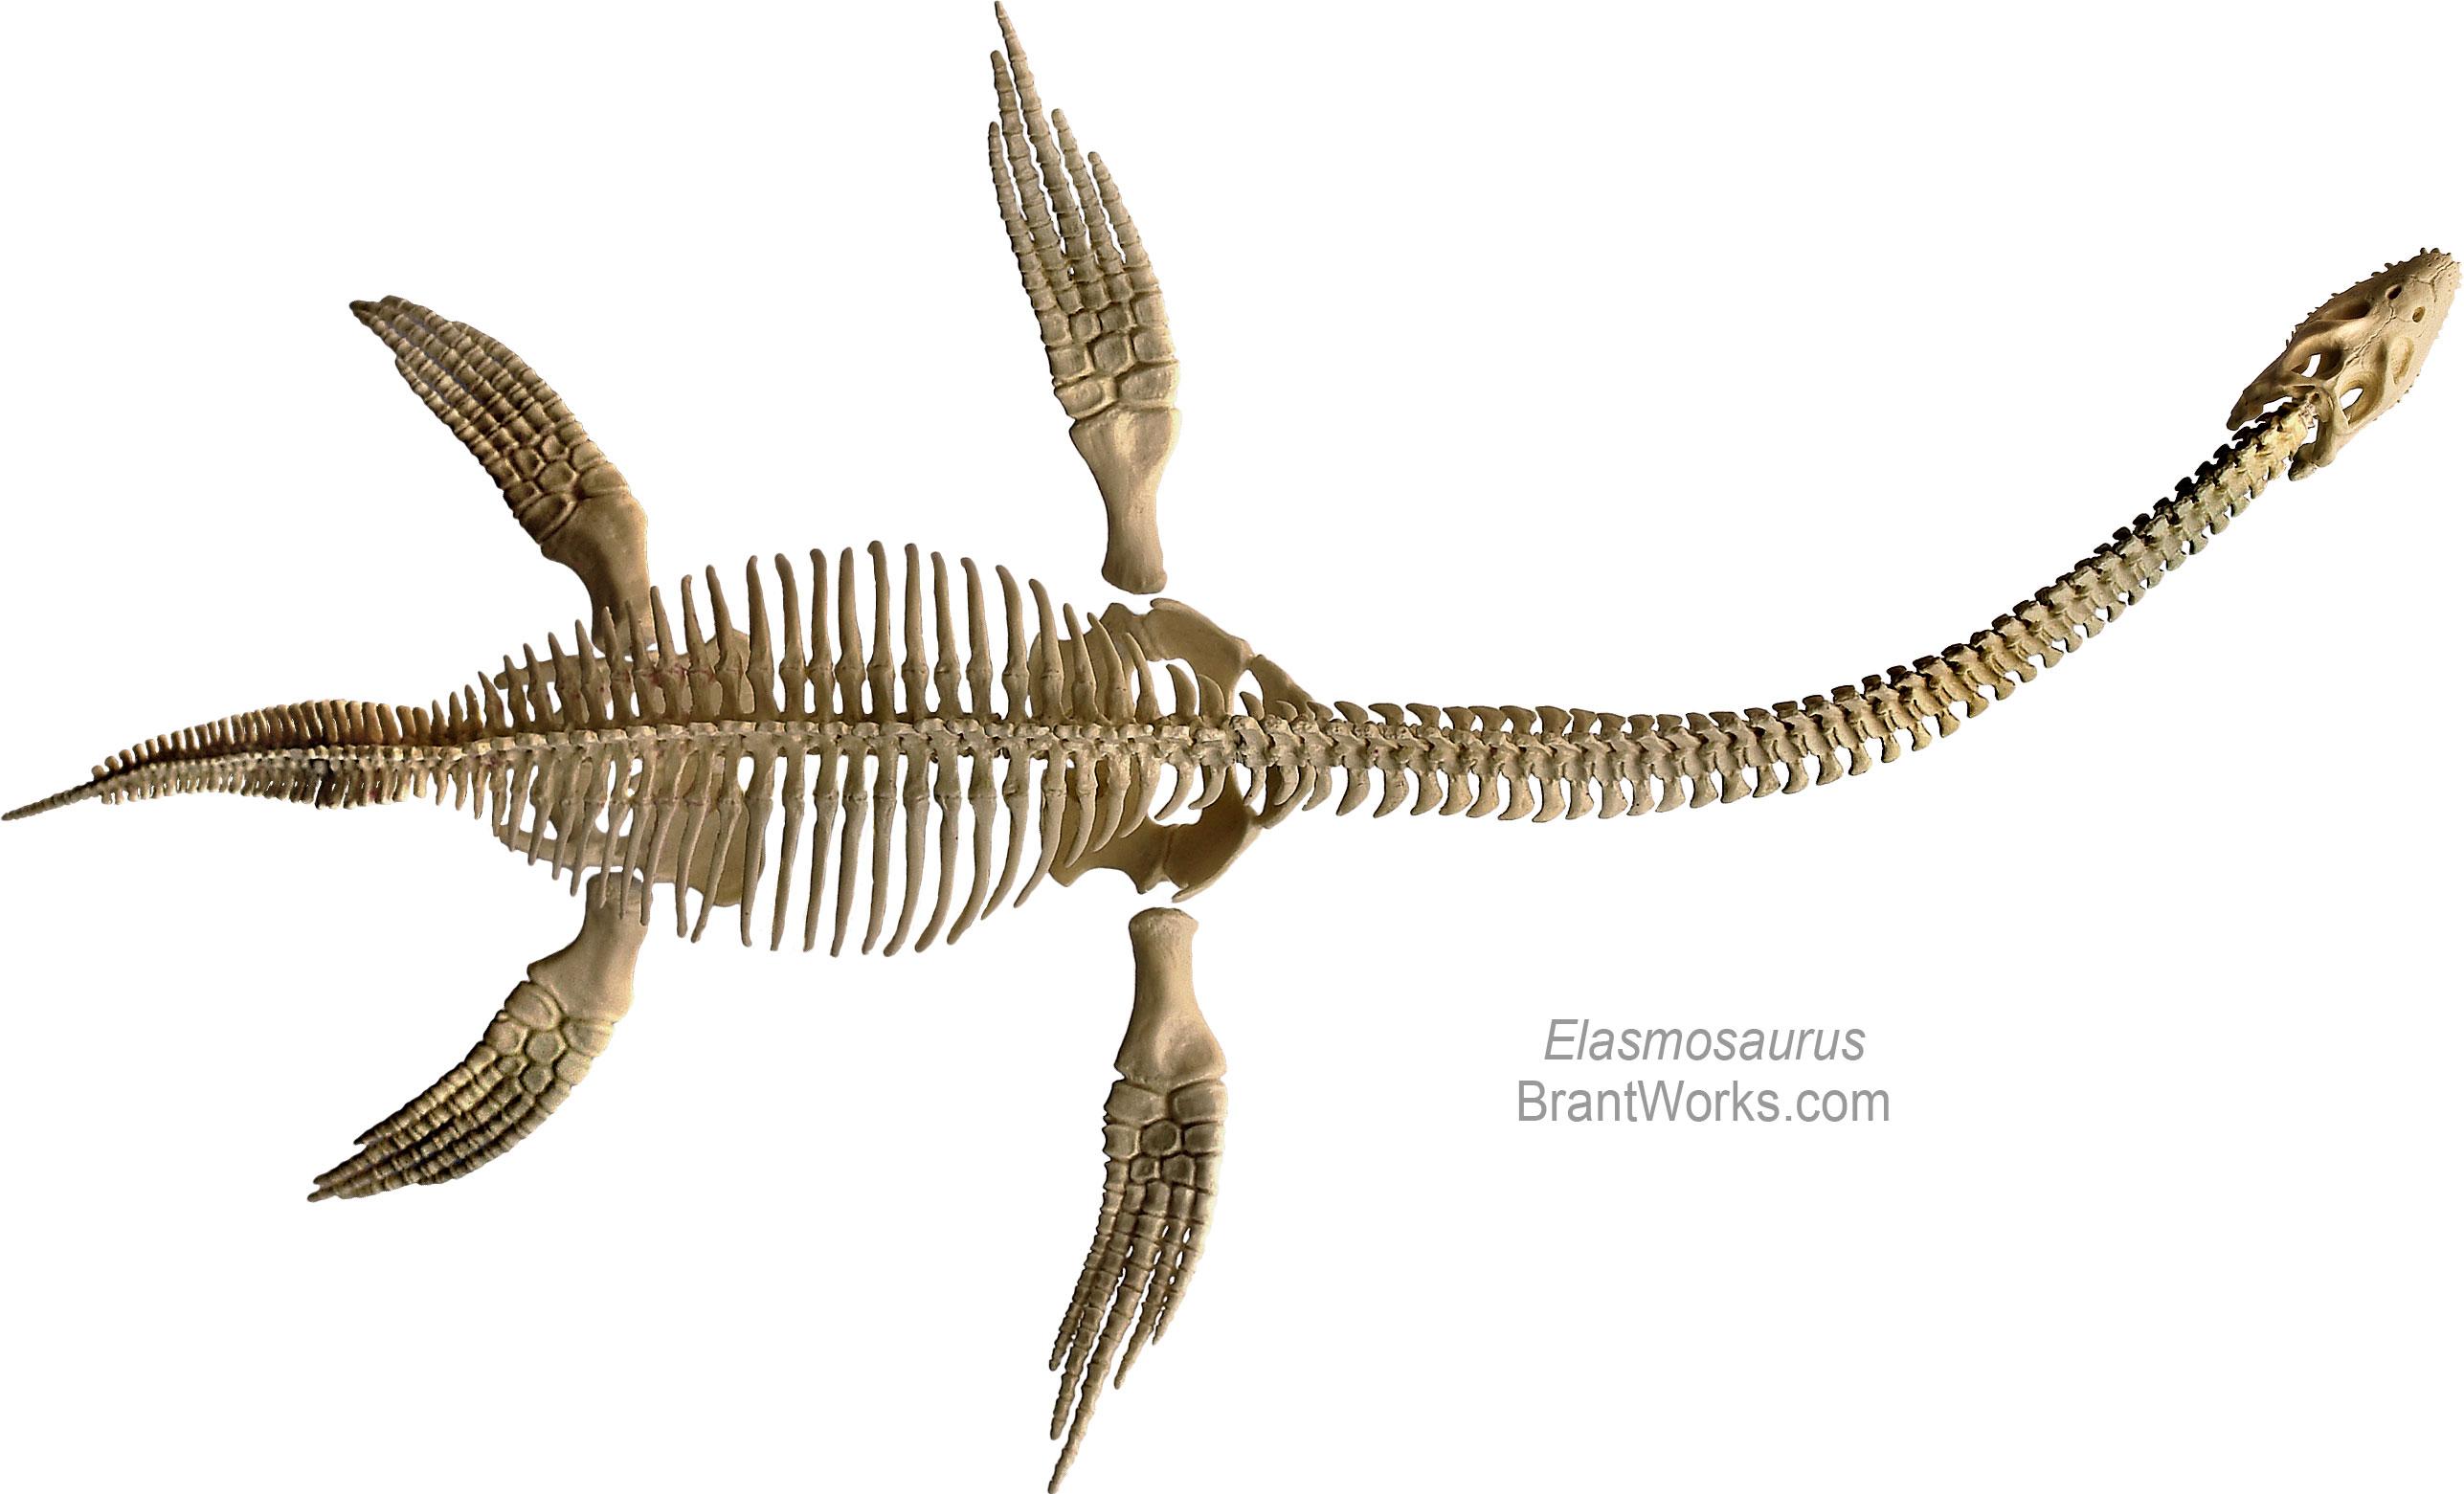 BrantWorks: Other Skeleton Models